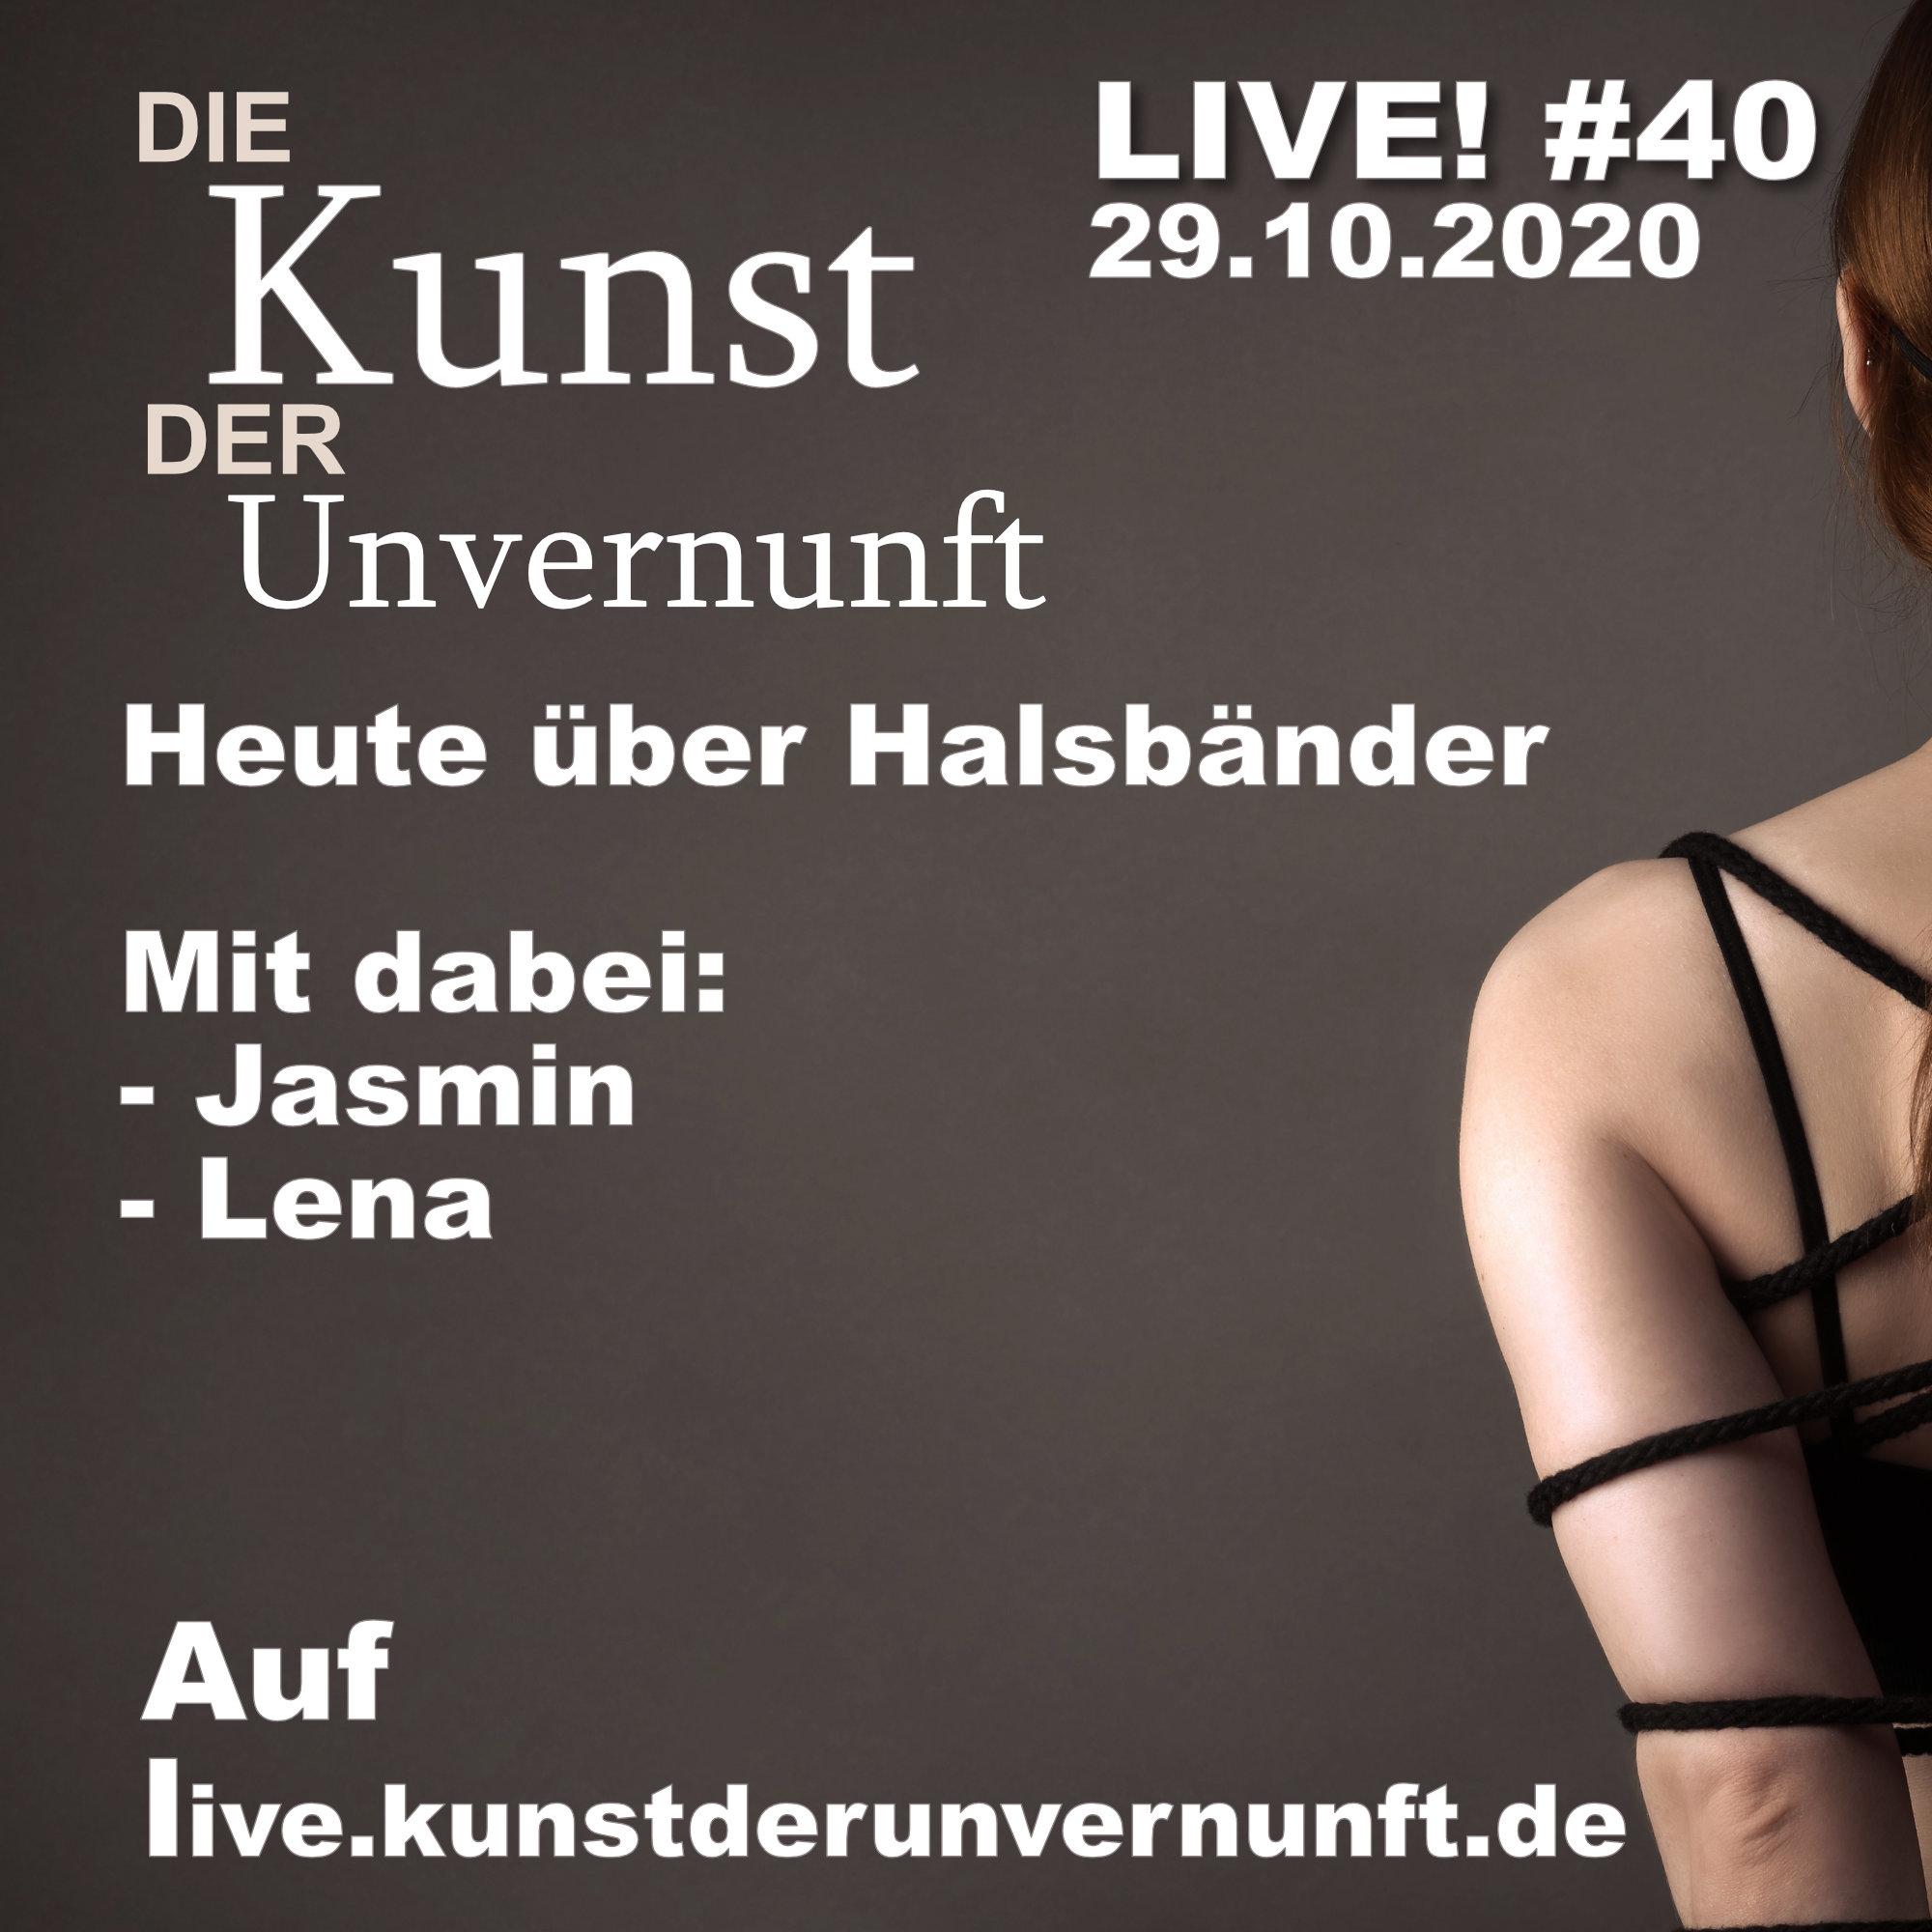 Unvernunft Live 29.10.20 - Halsbänder